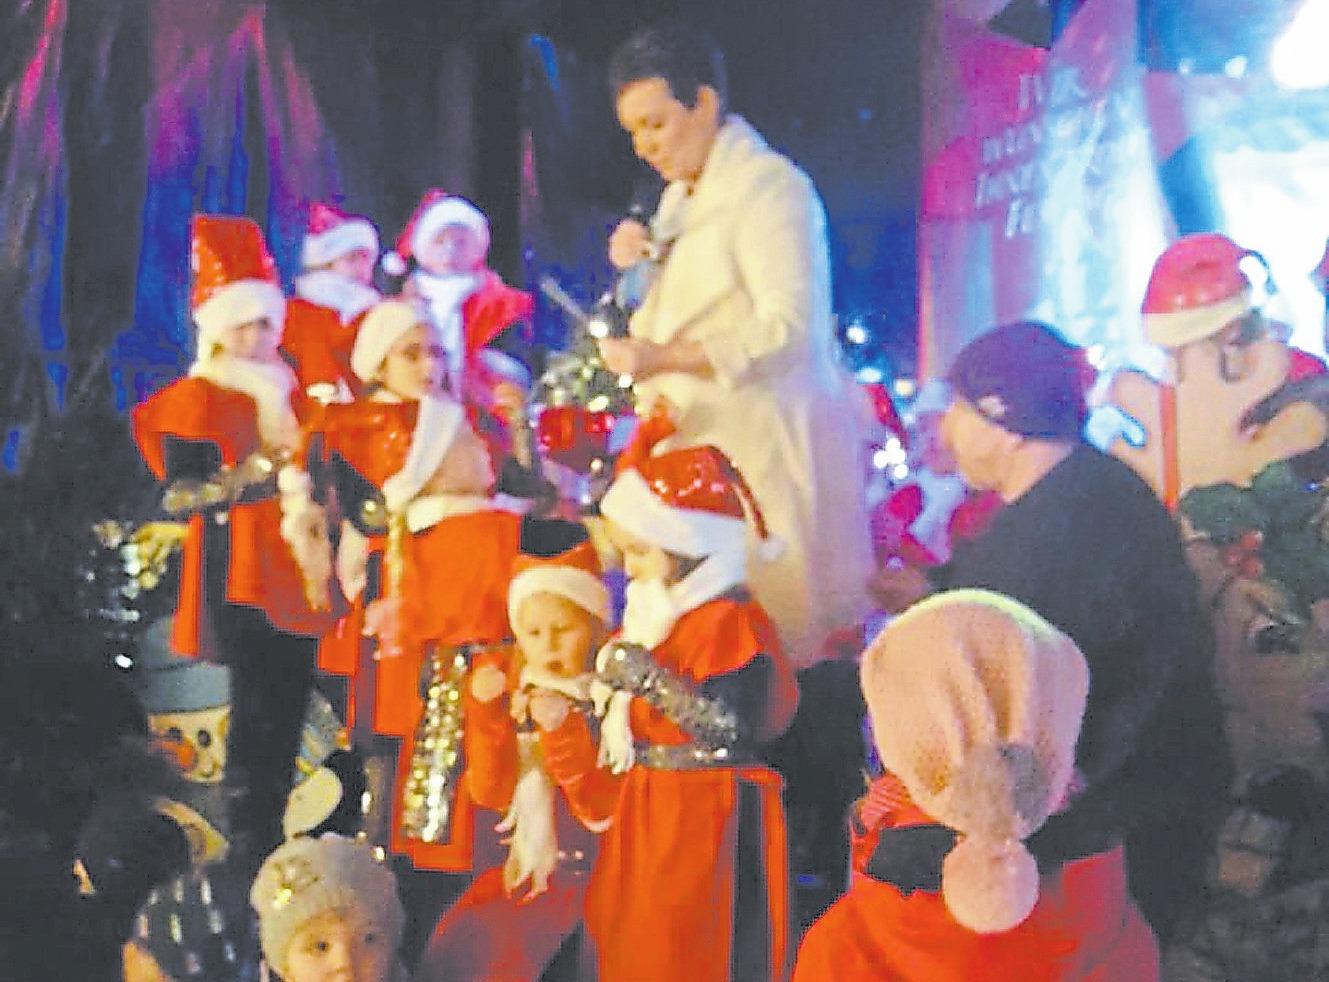 Sängerin Danielle wird am Samstag und Sonntag durch das weihnachtliche Bühnenprogramm führen. Foto: privat